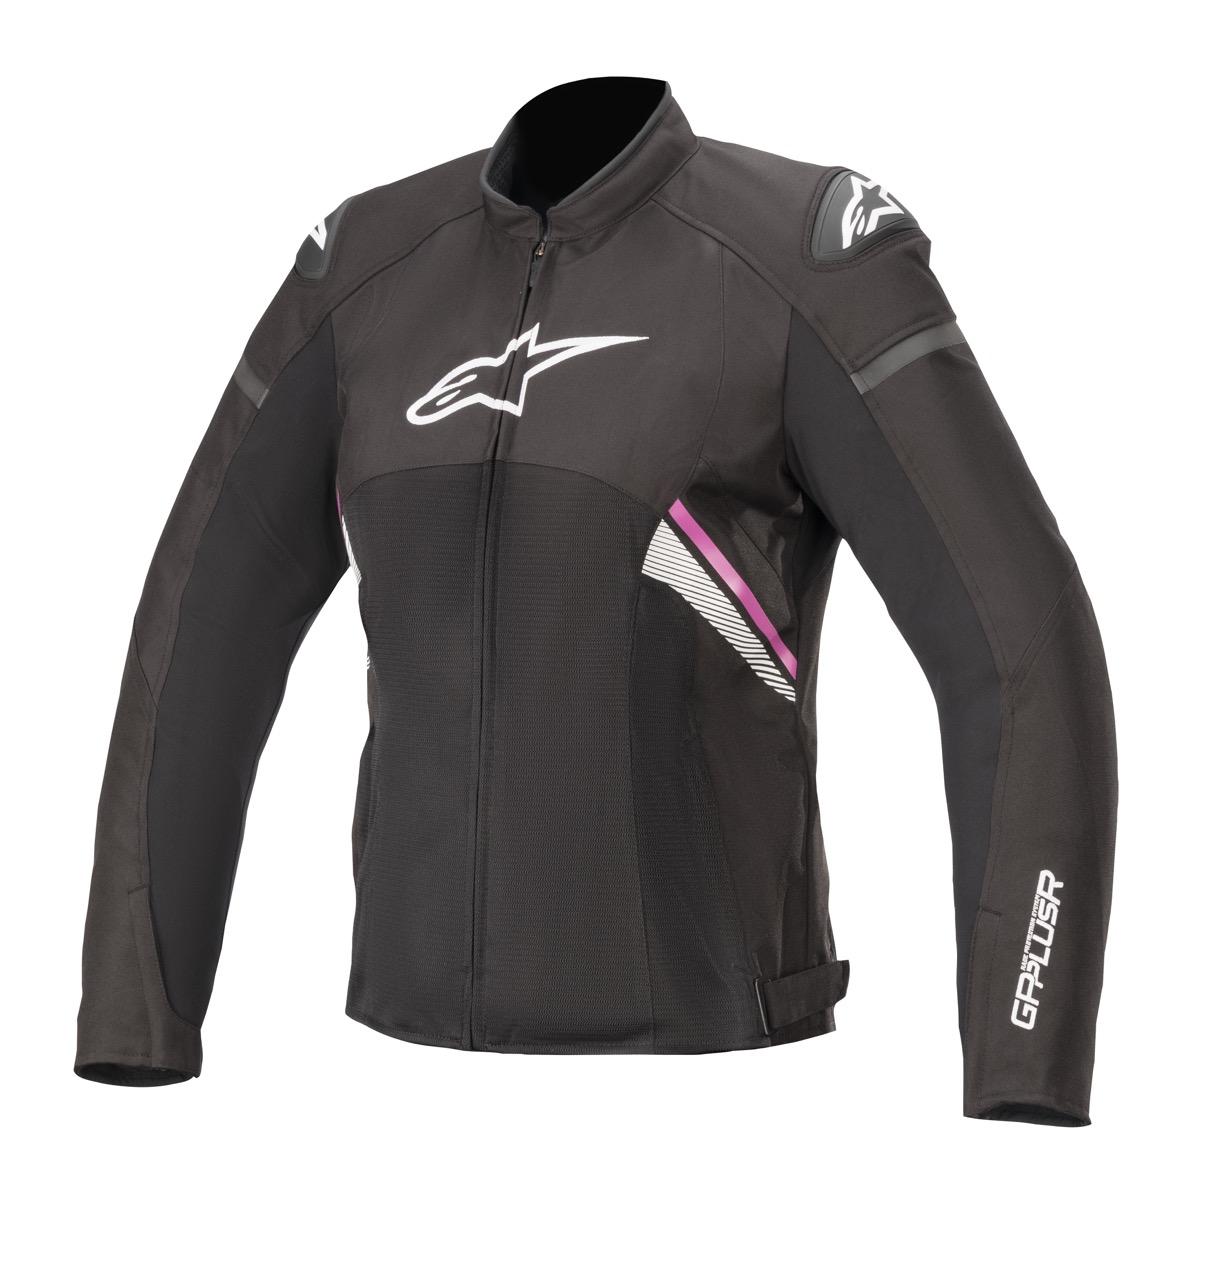 Alpinestars - collezione tecnica per donne 2020